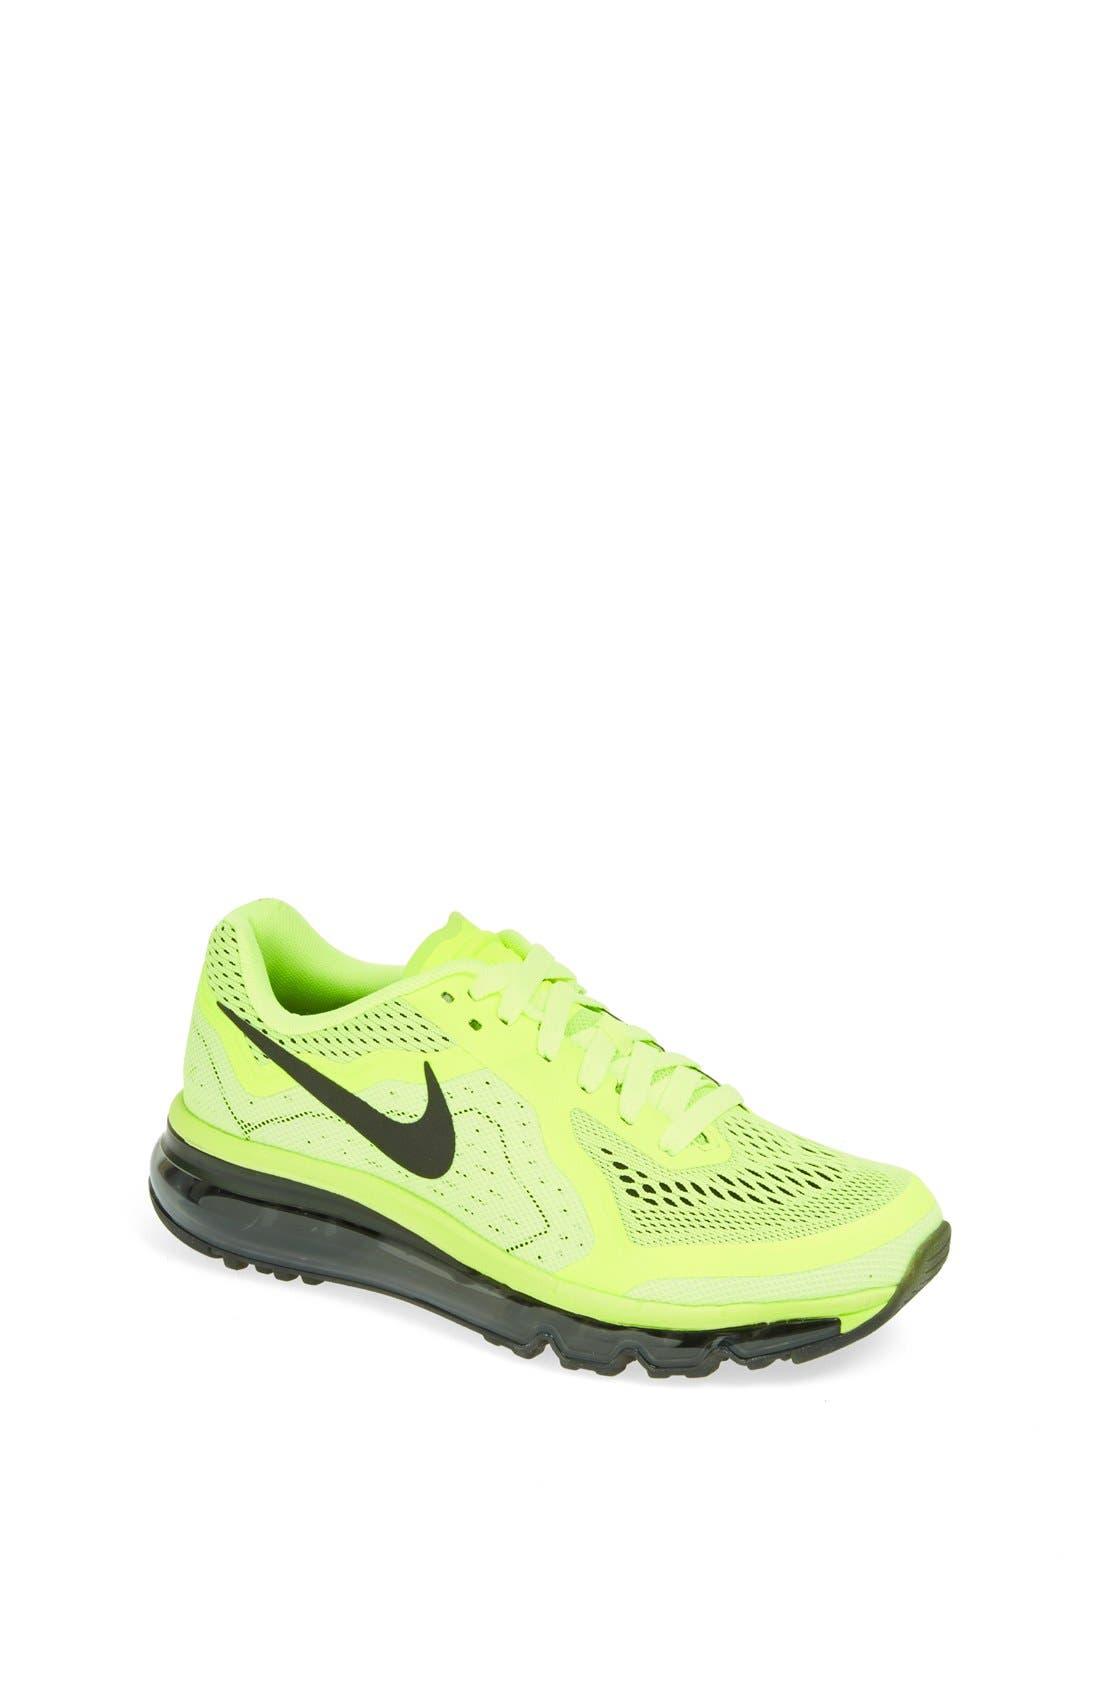 Alternate Image 1 Selected - Nike 'Air Max 2014' Running Shoe (Big Kid)